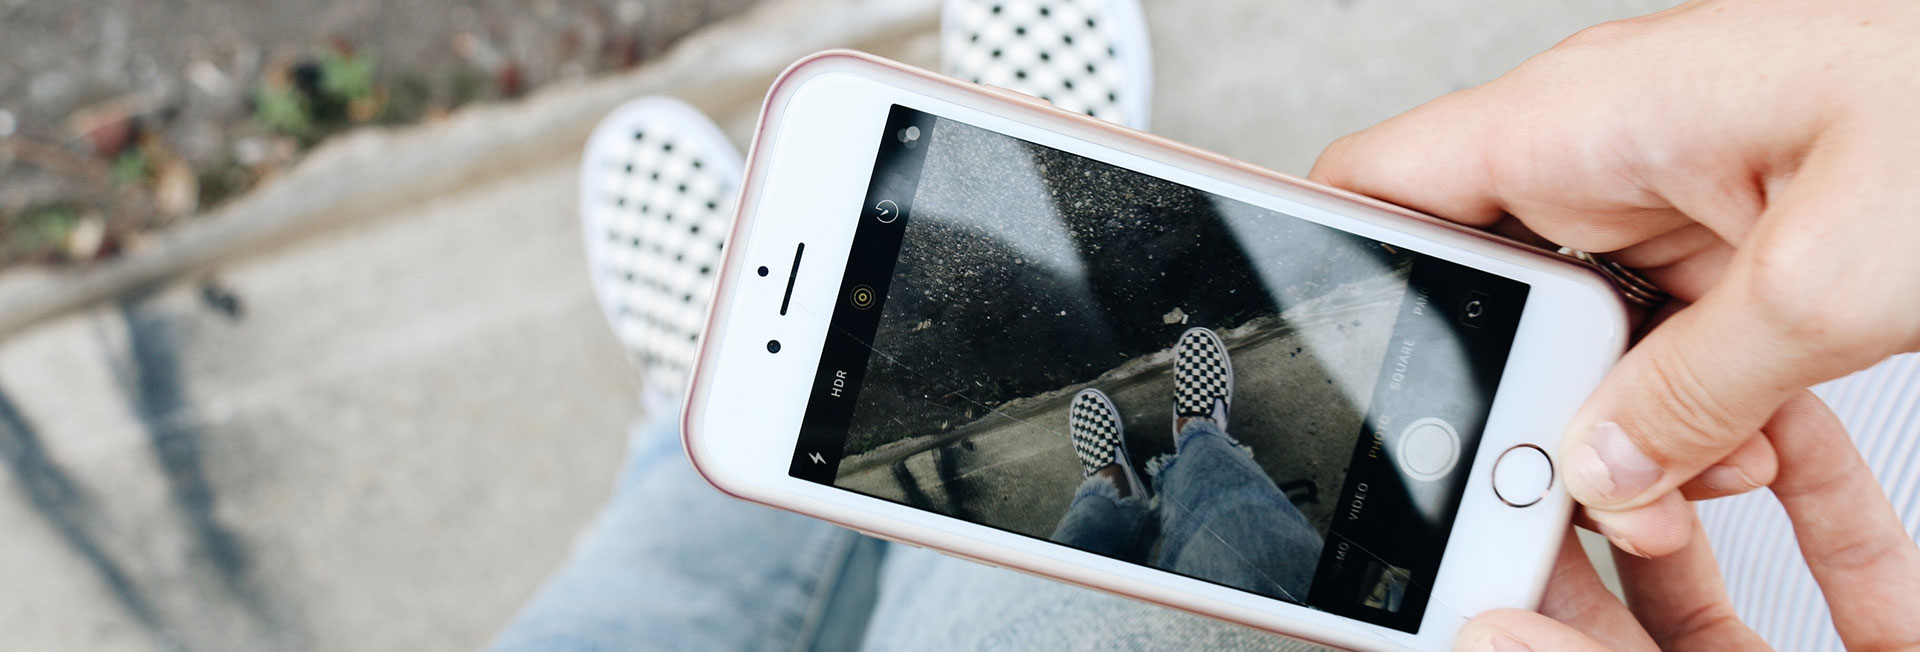 човек снимка обувките си на улицата с телефон